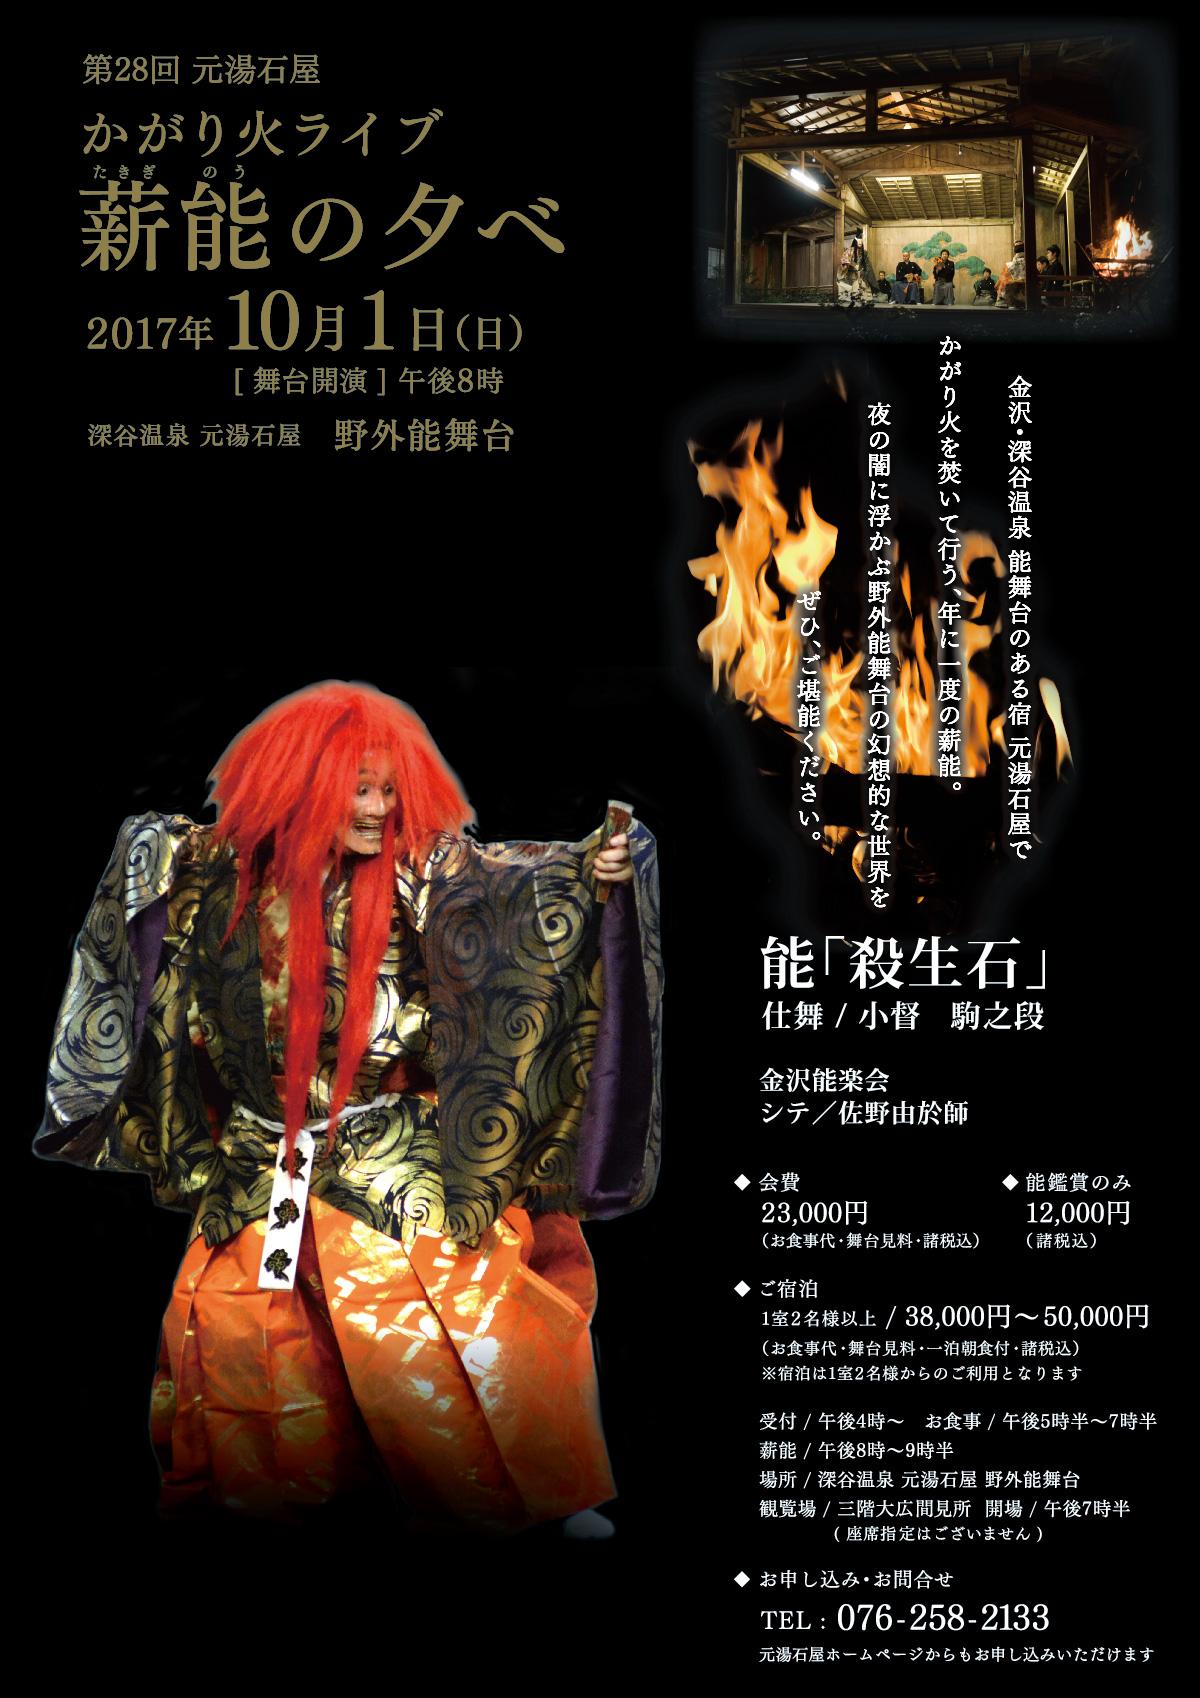 かがり火ライブ2017-7OL